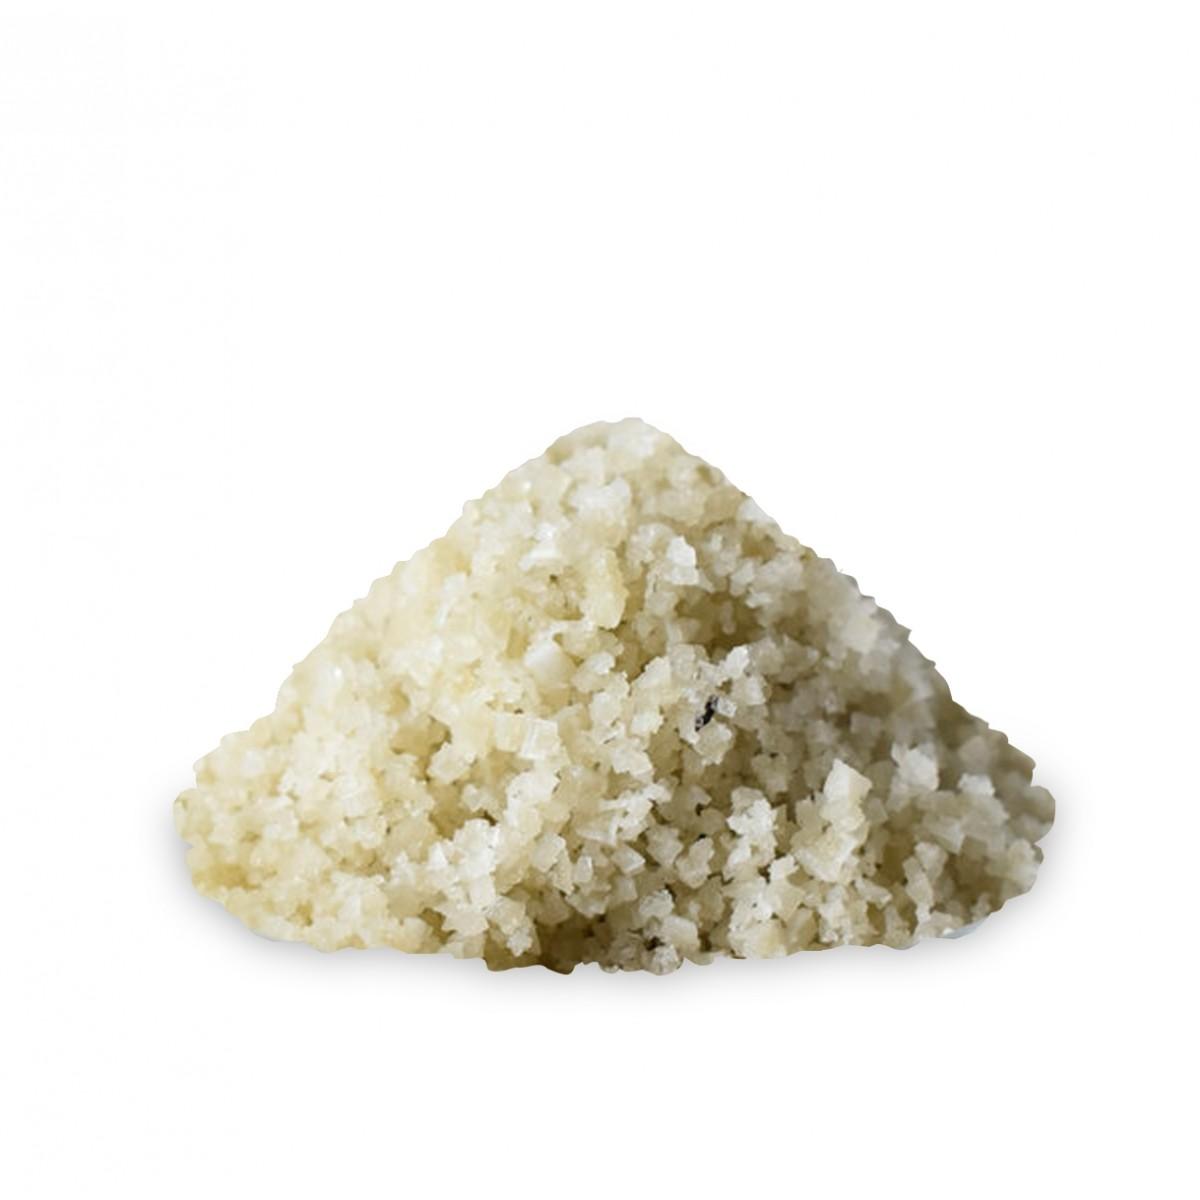 Celtic Sea Salt - Salt for Health | Ancient Purity